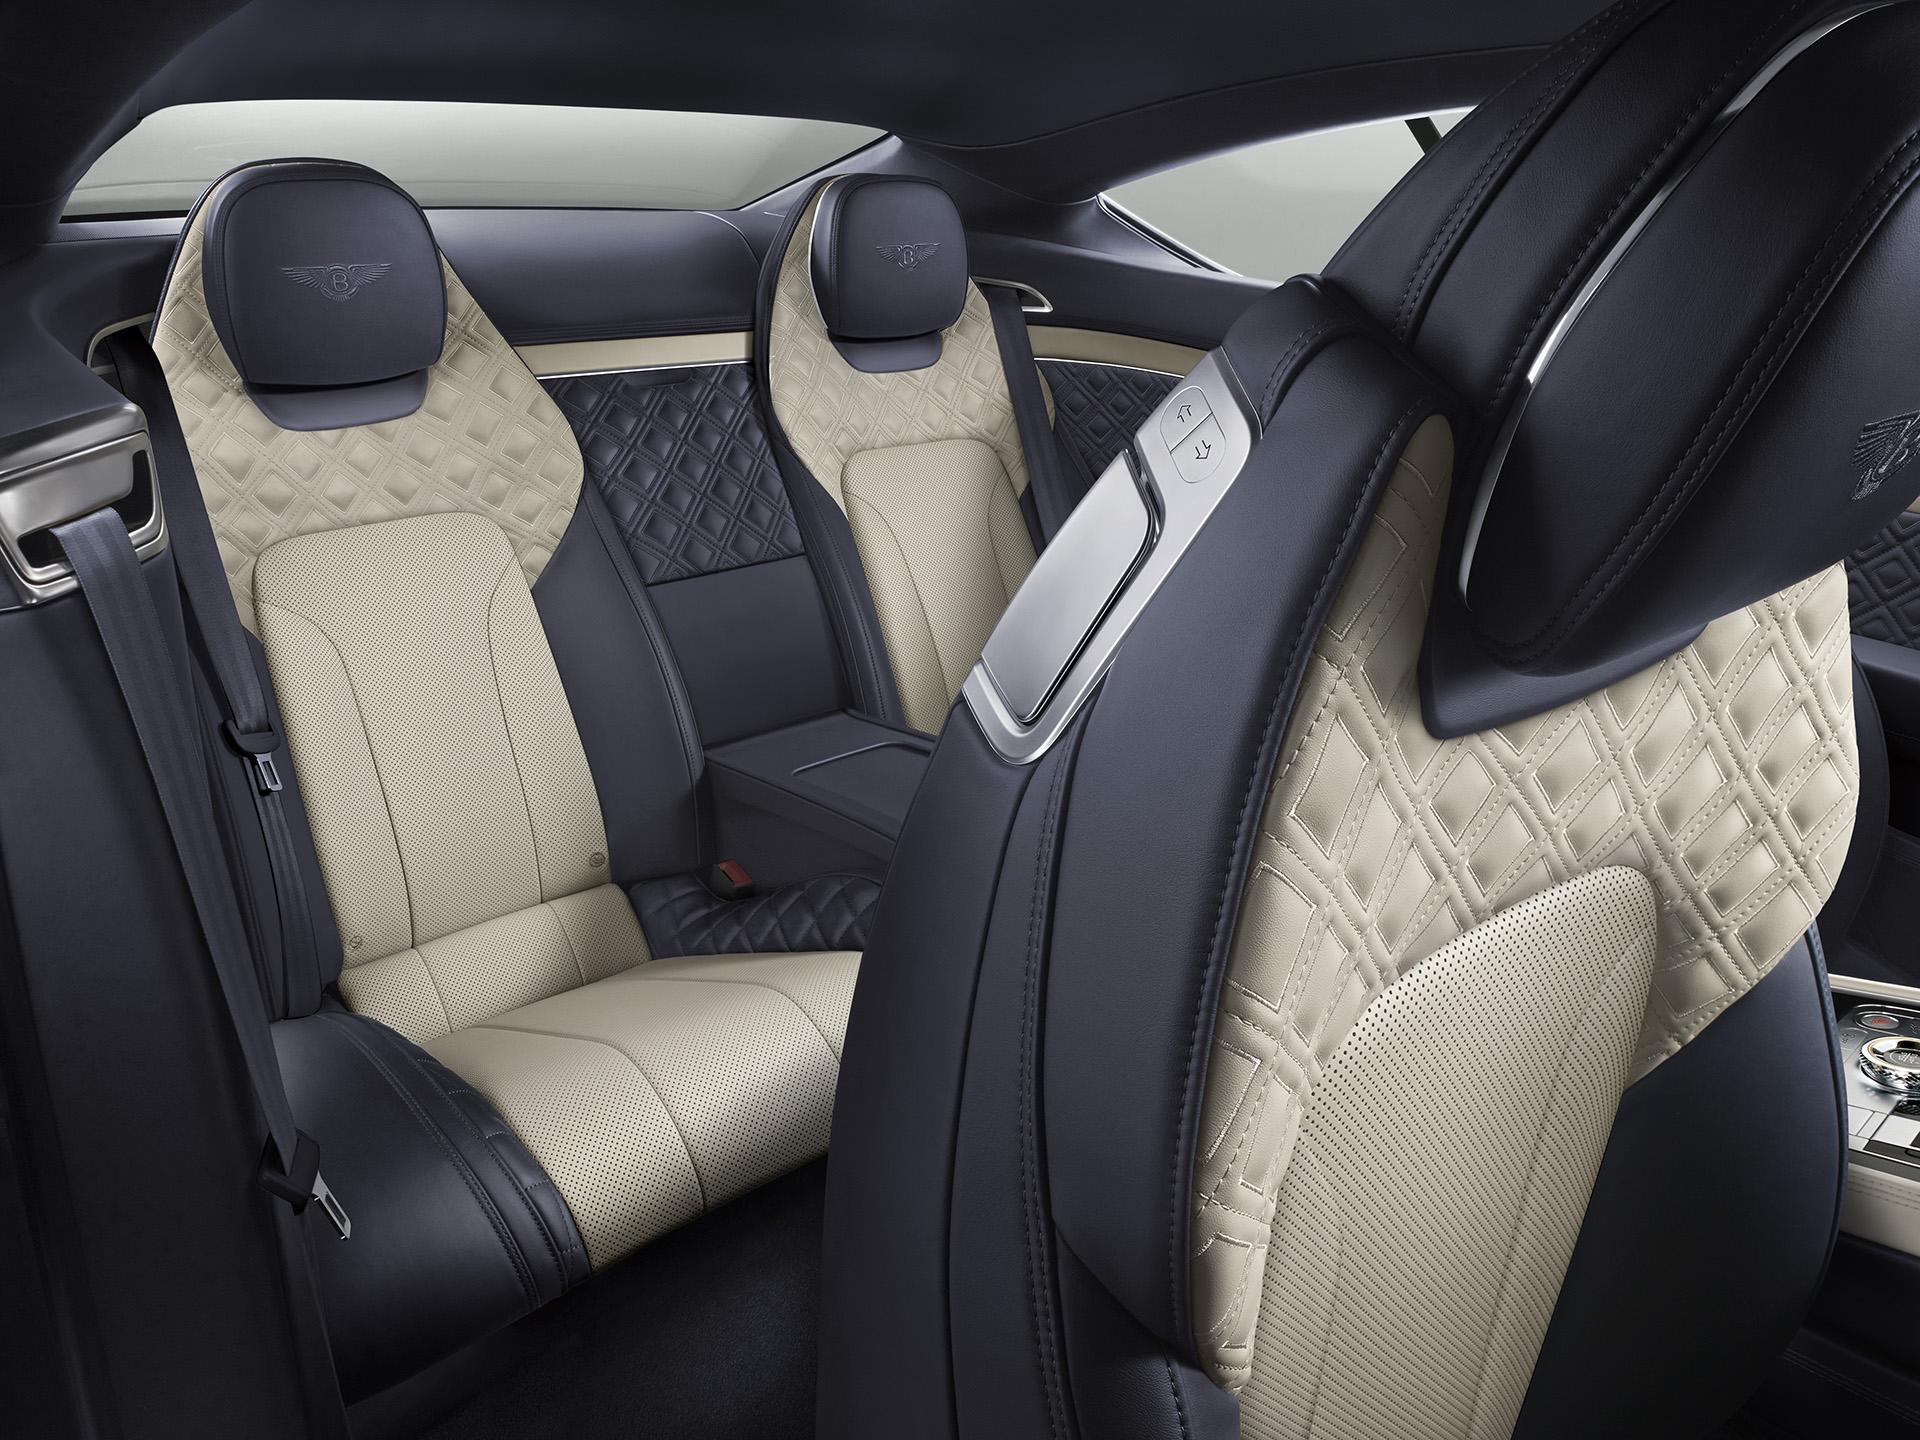 New Continental GT сиденья